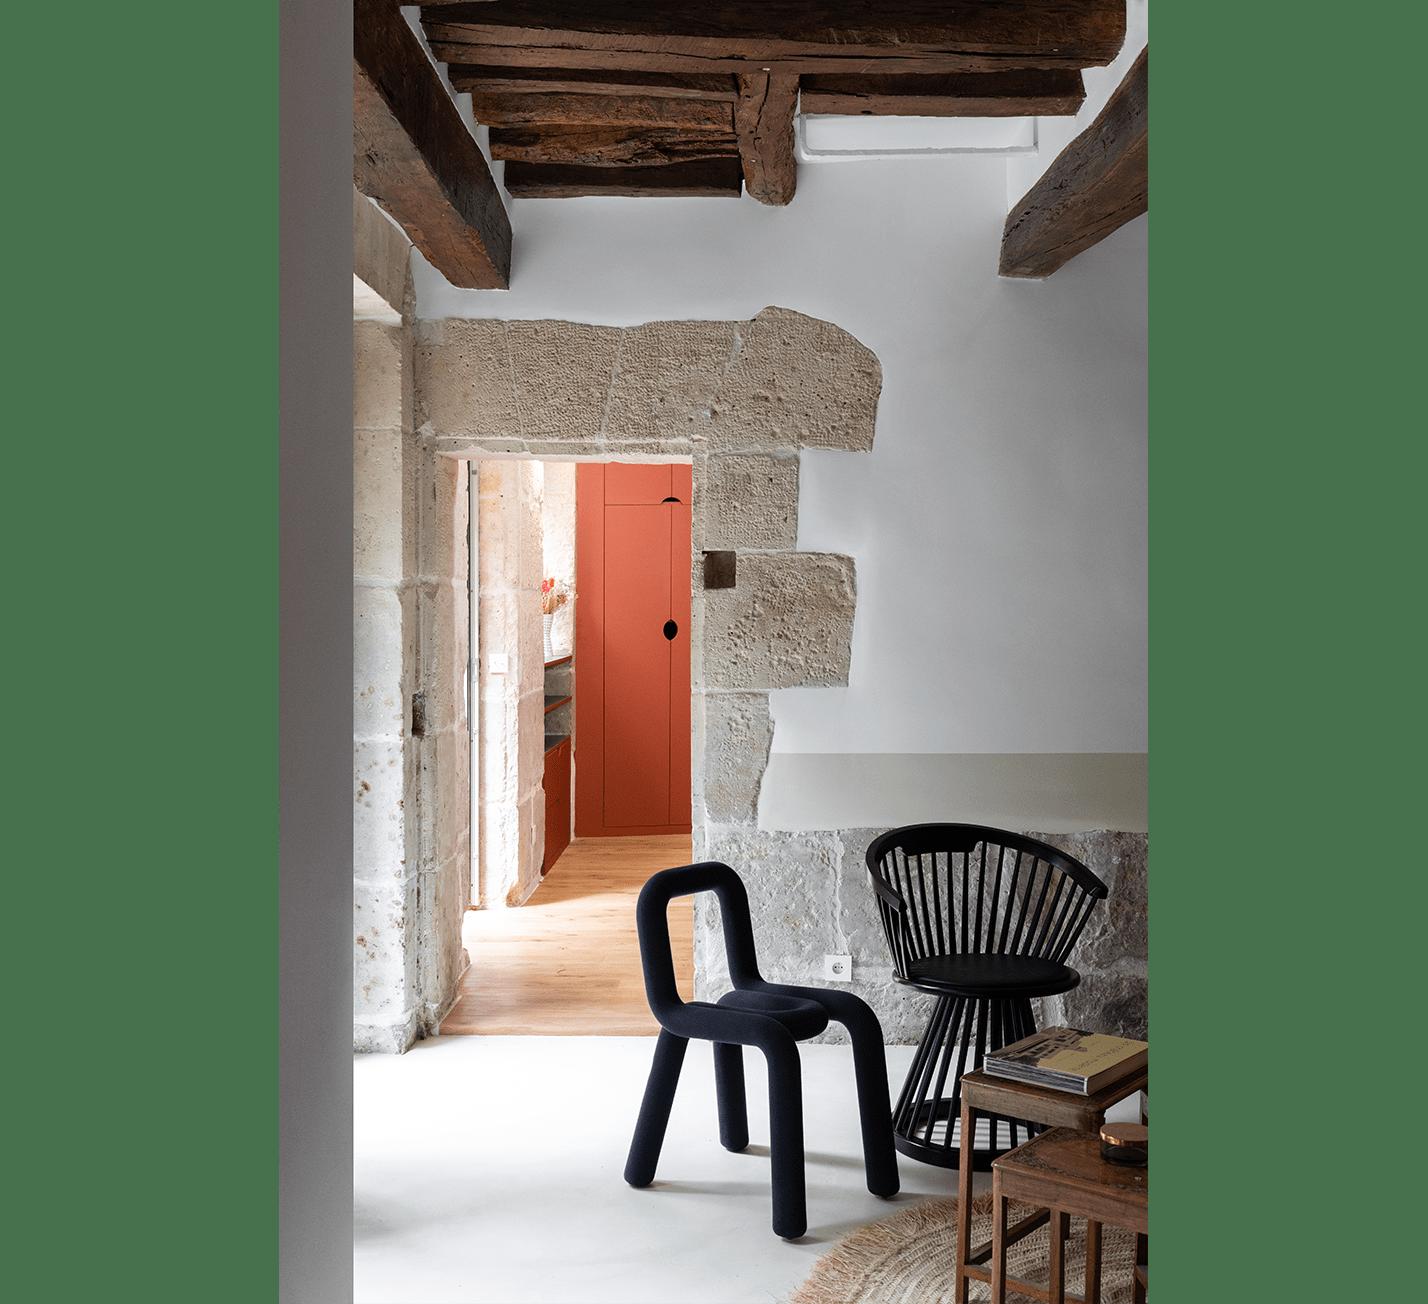 Projet-Gobelins-Atelier-Steve-Pauline-Borgia-Architecte-interieur-06-min